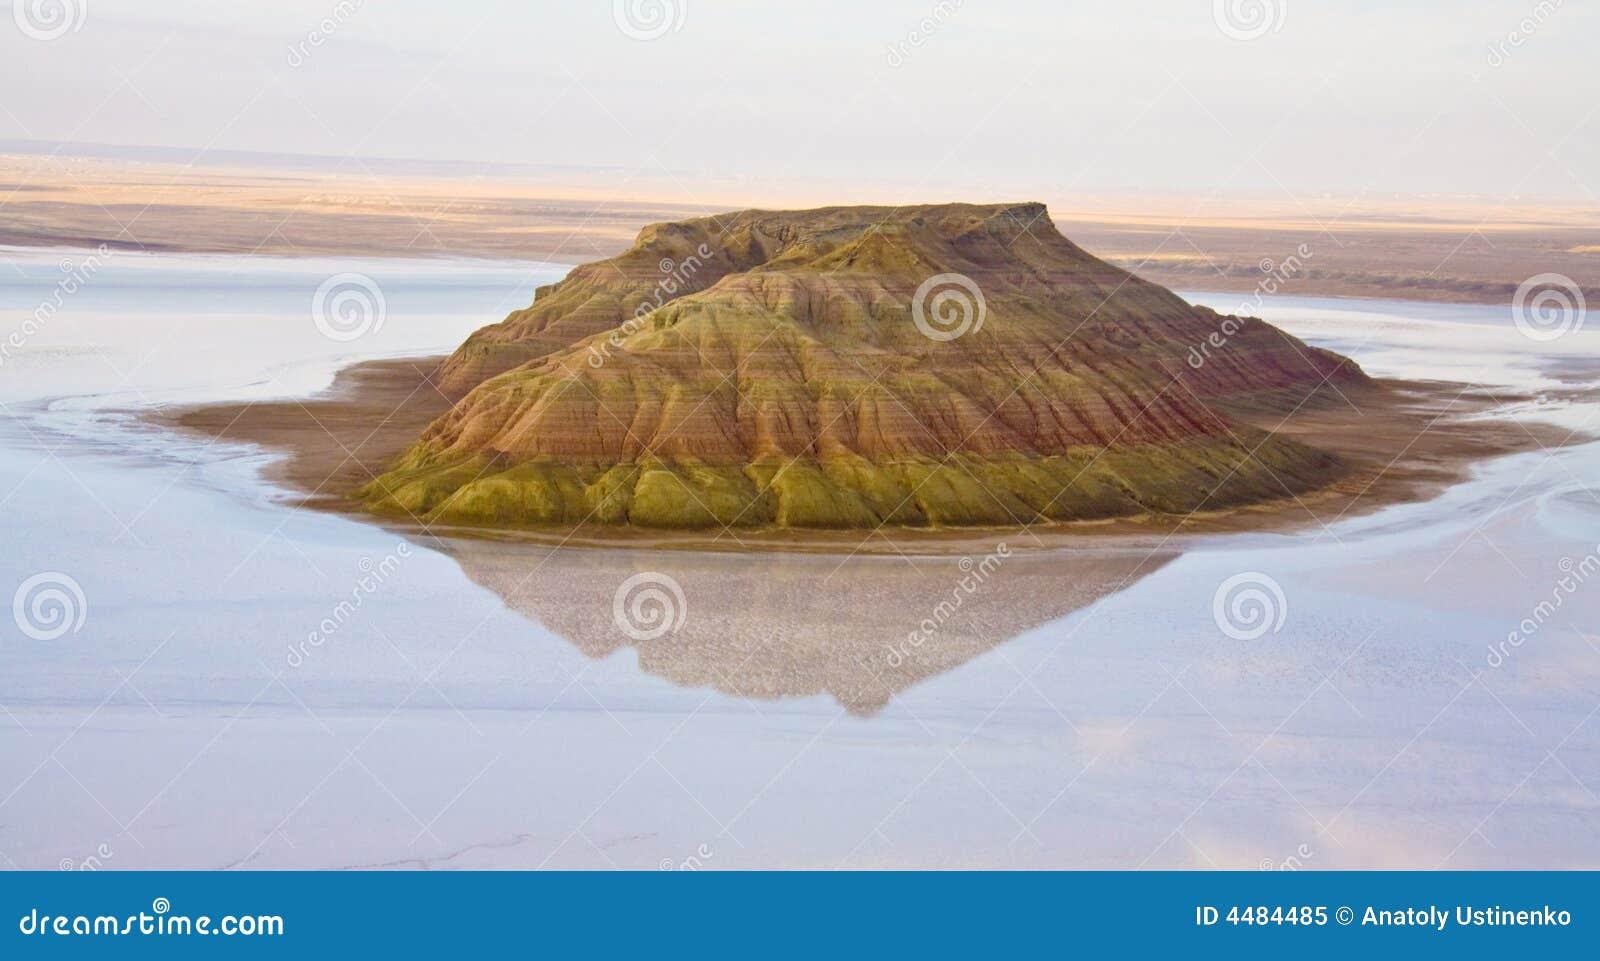 Insel-Salz-Hügel im Kaspischen Meer von Mangistau